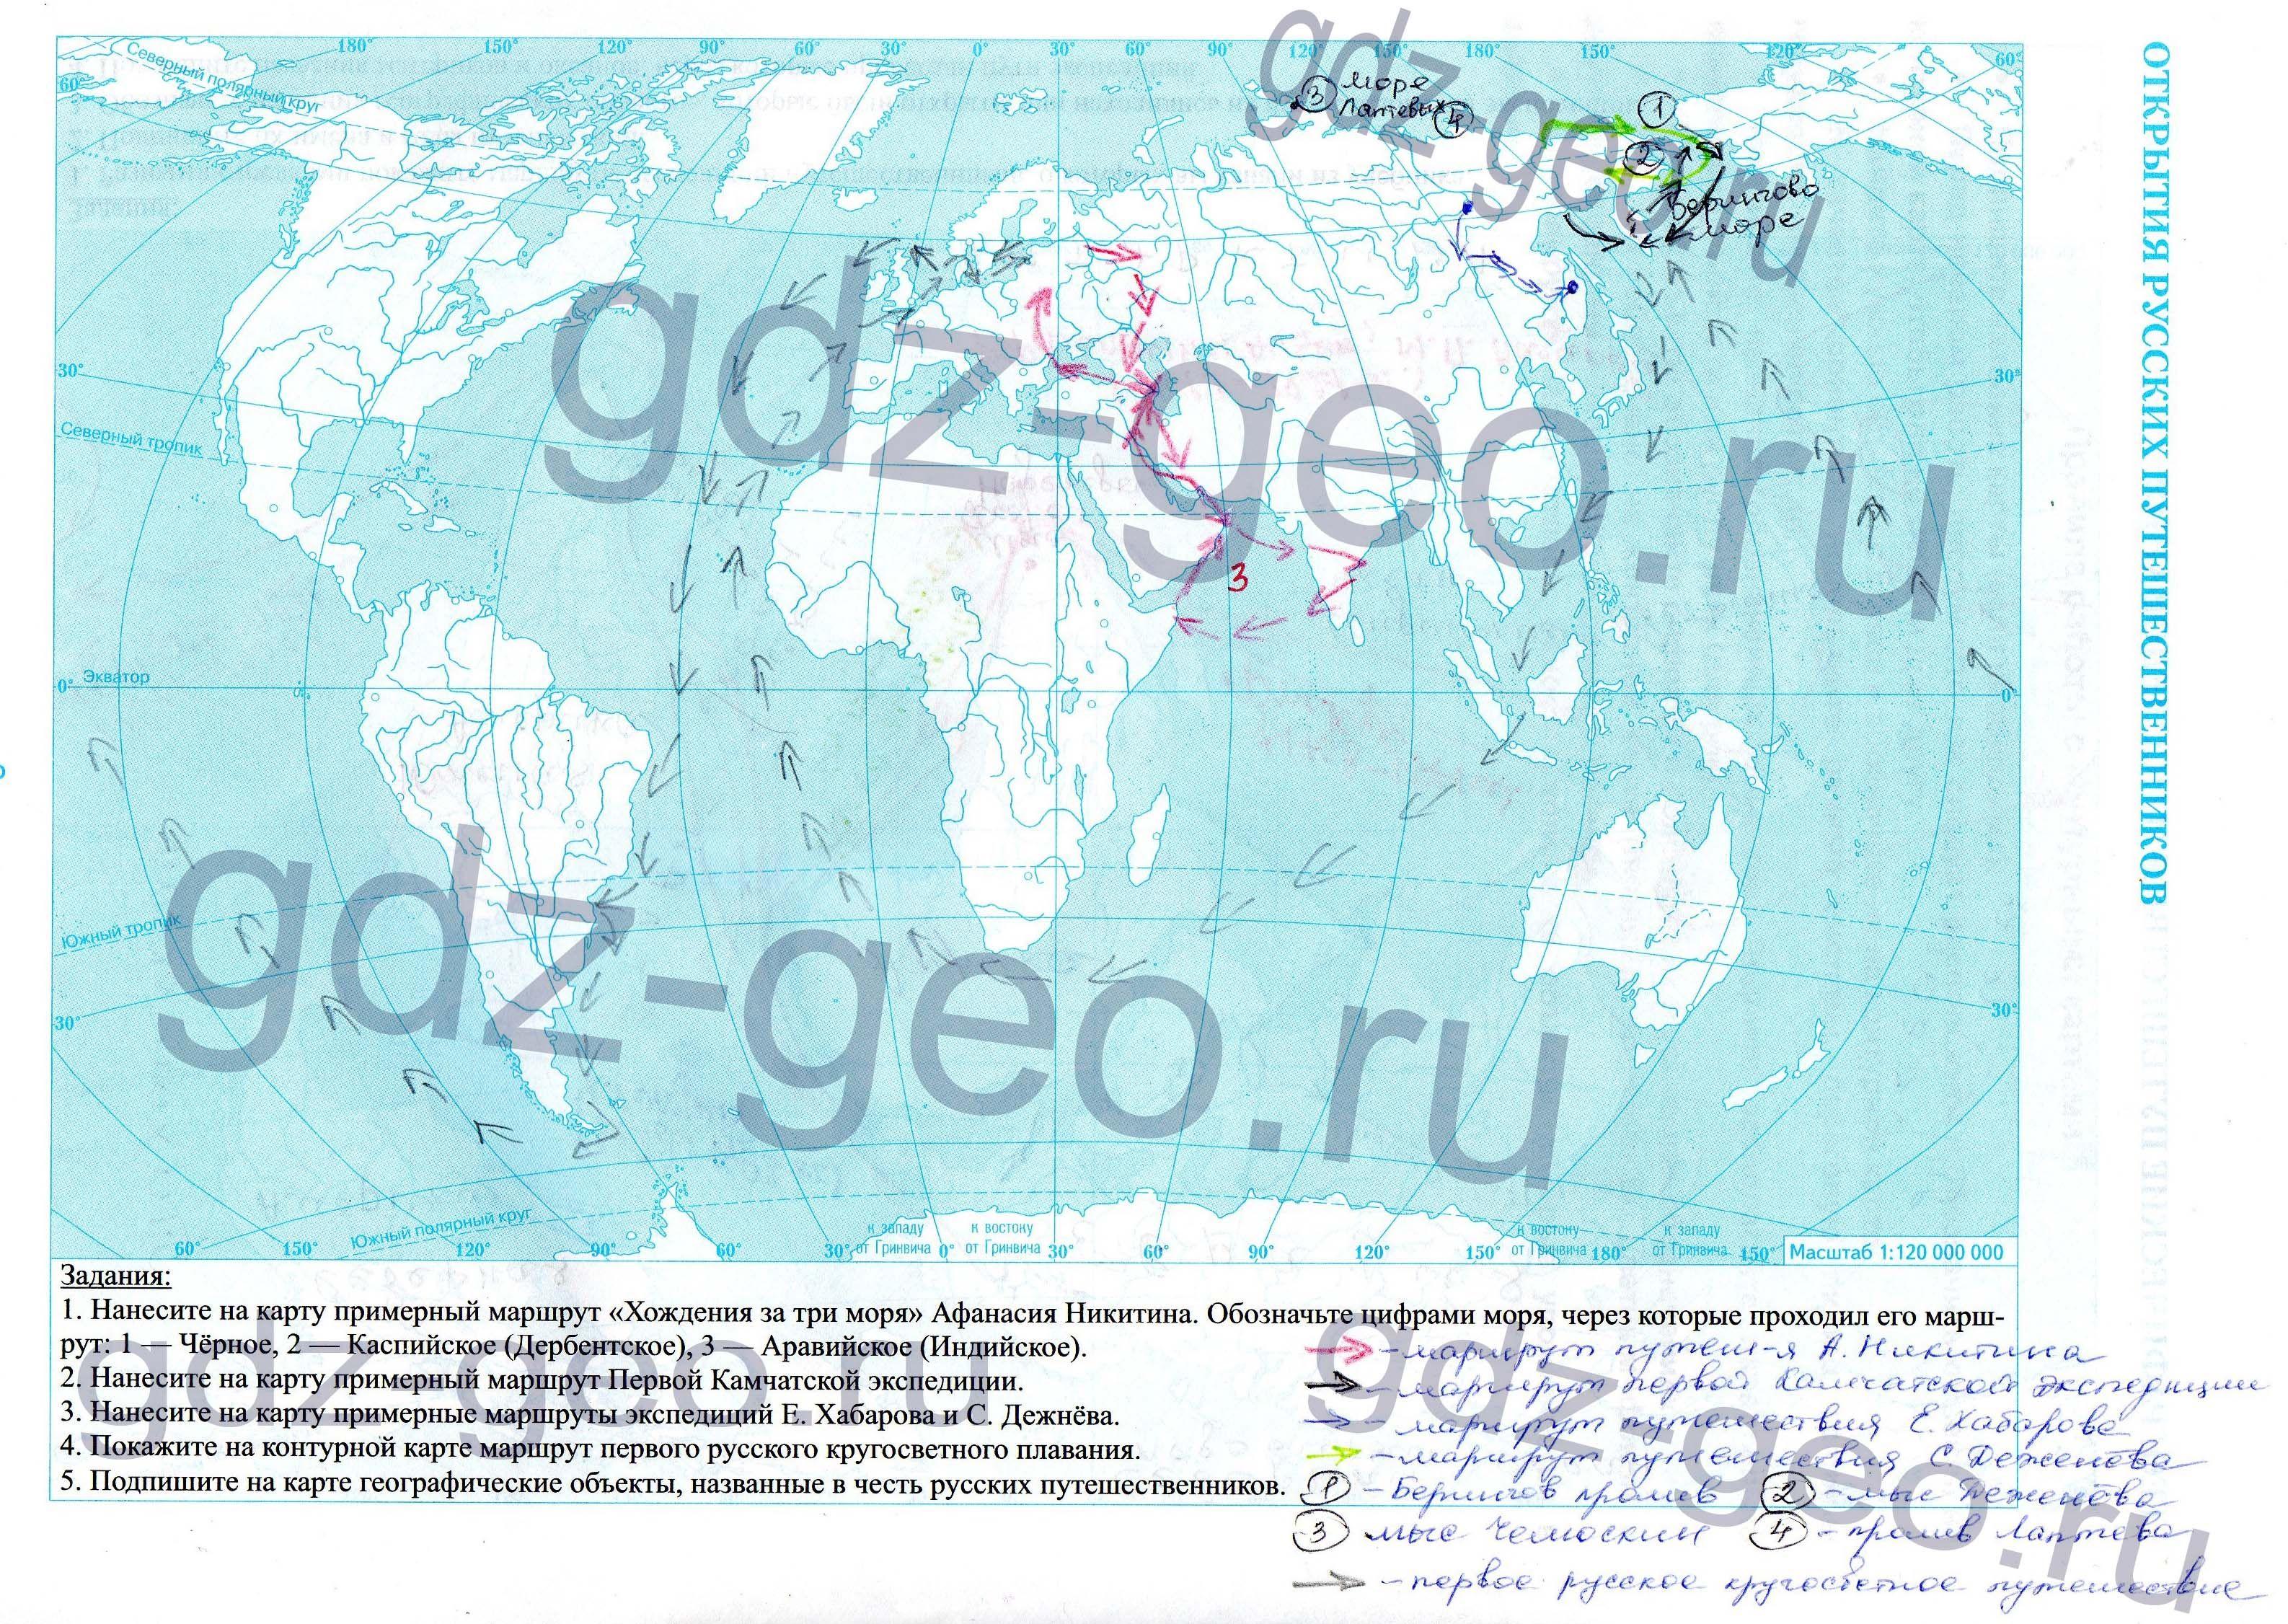 Гдз по географии 5 класс контурная карта экзамен